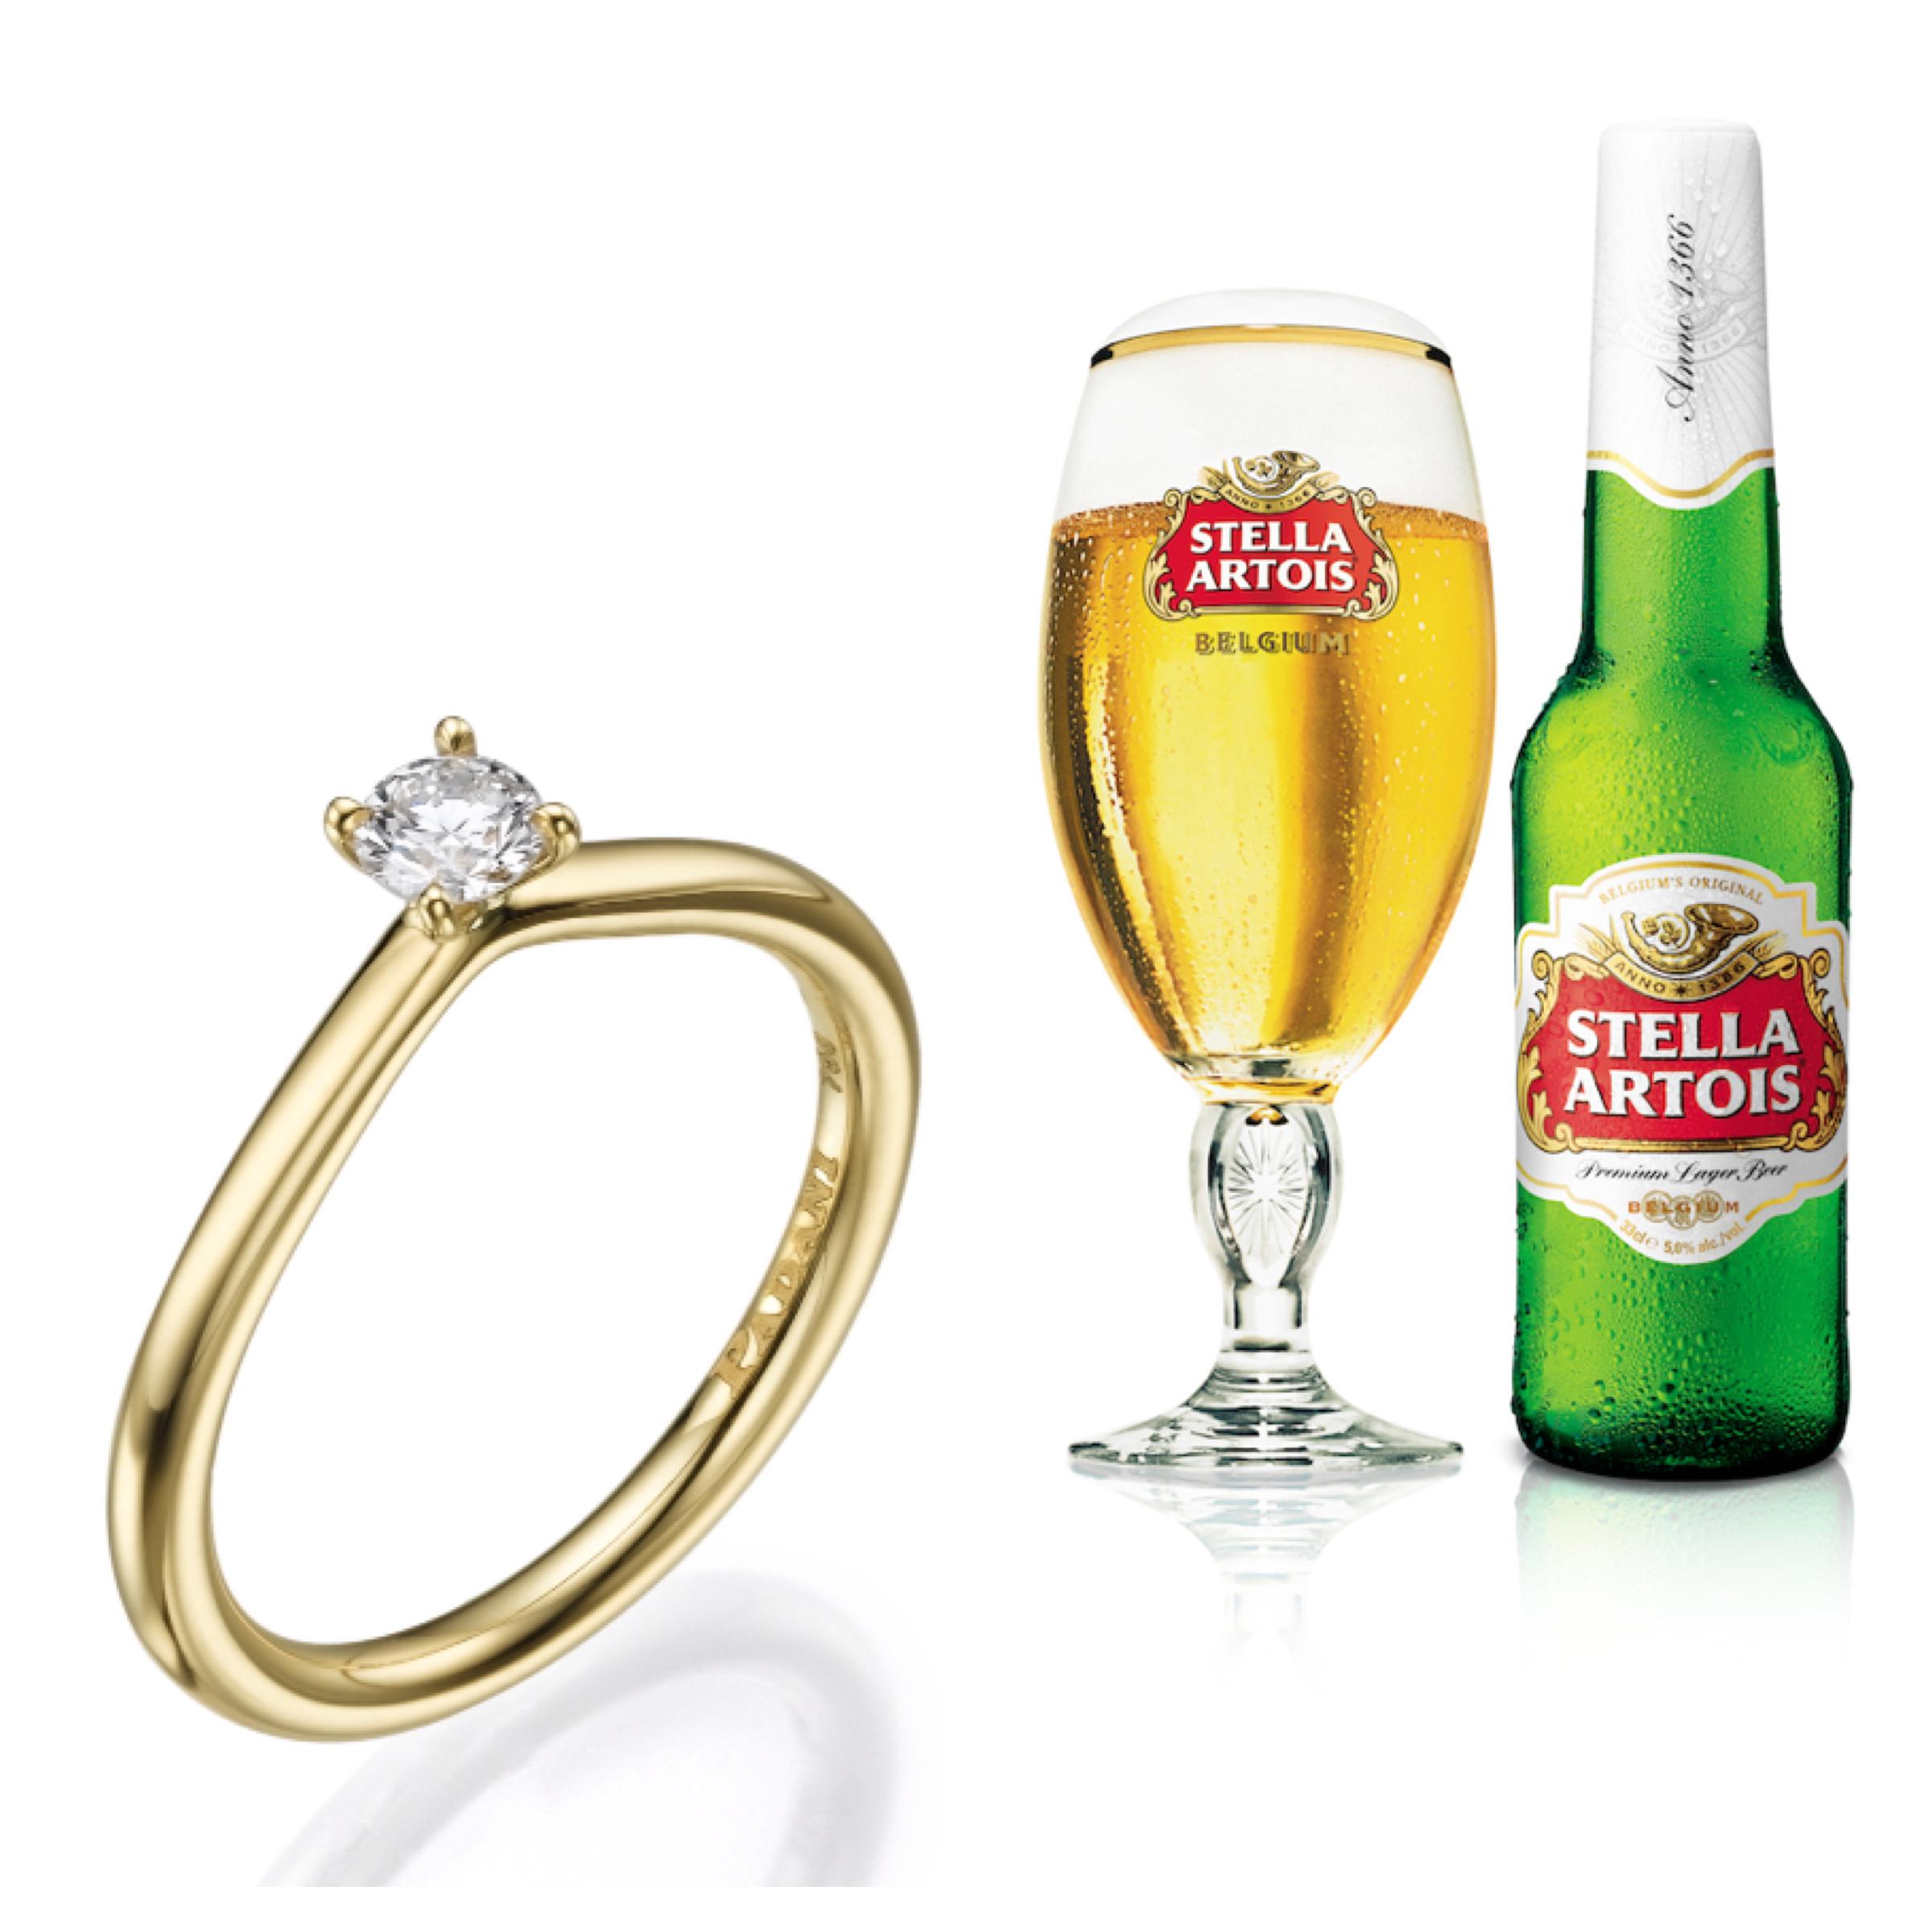 Элитное бриллиантовое кольцо в подарок